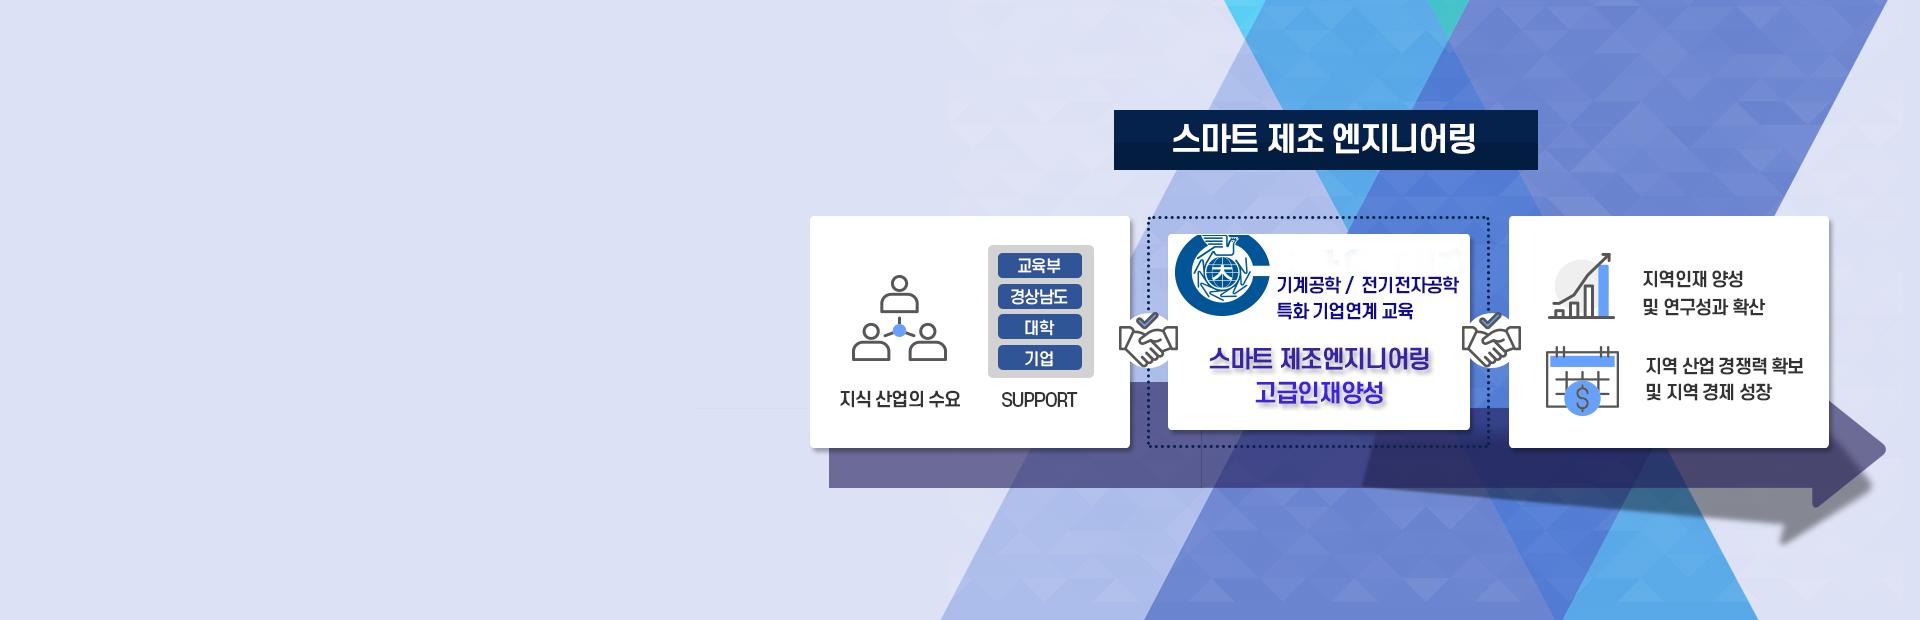 지역혁신플랫폼 스마트 제조엔지니어링